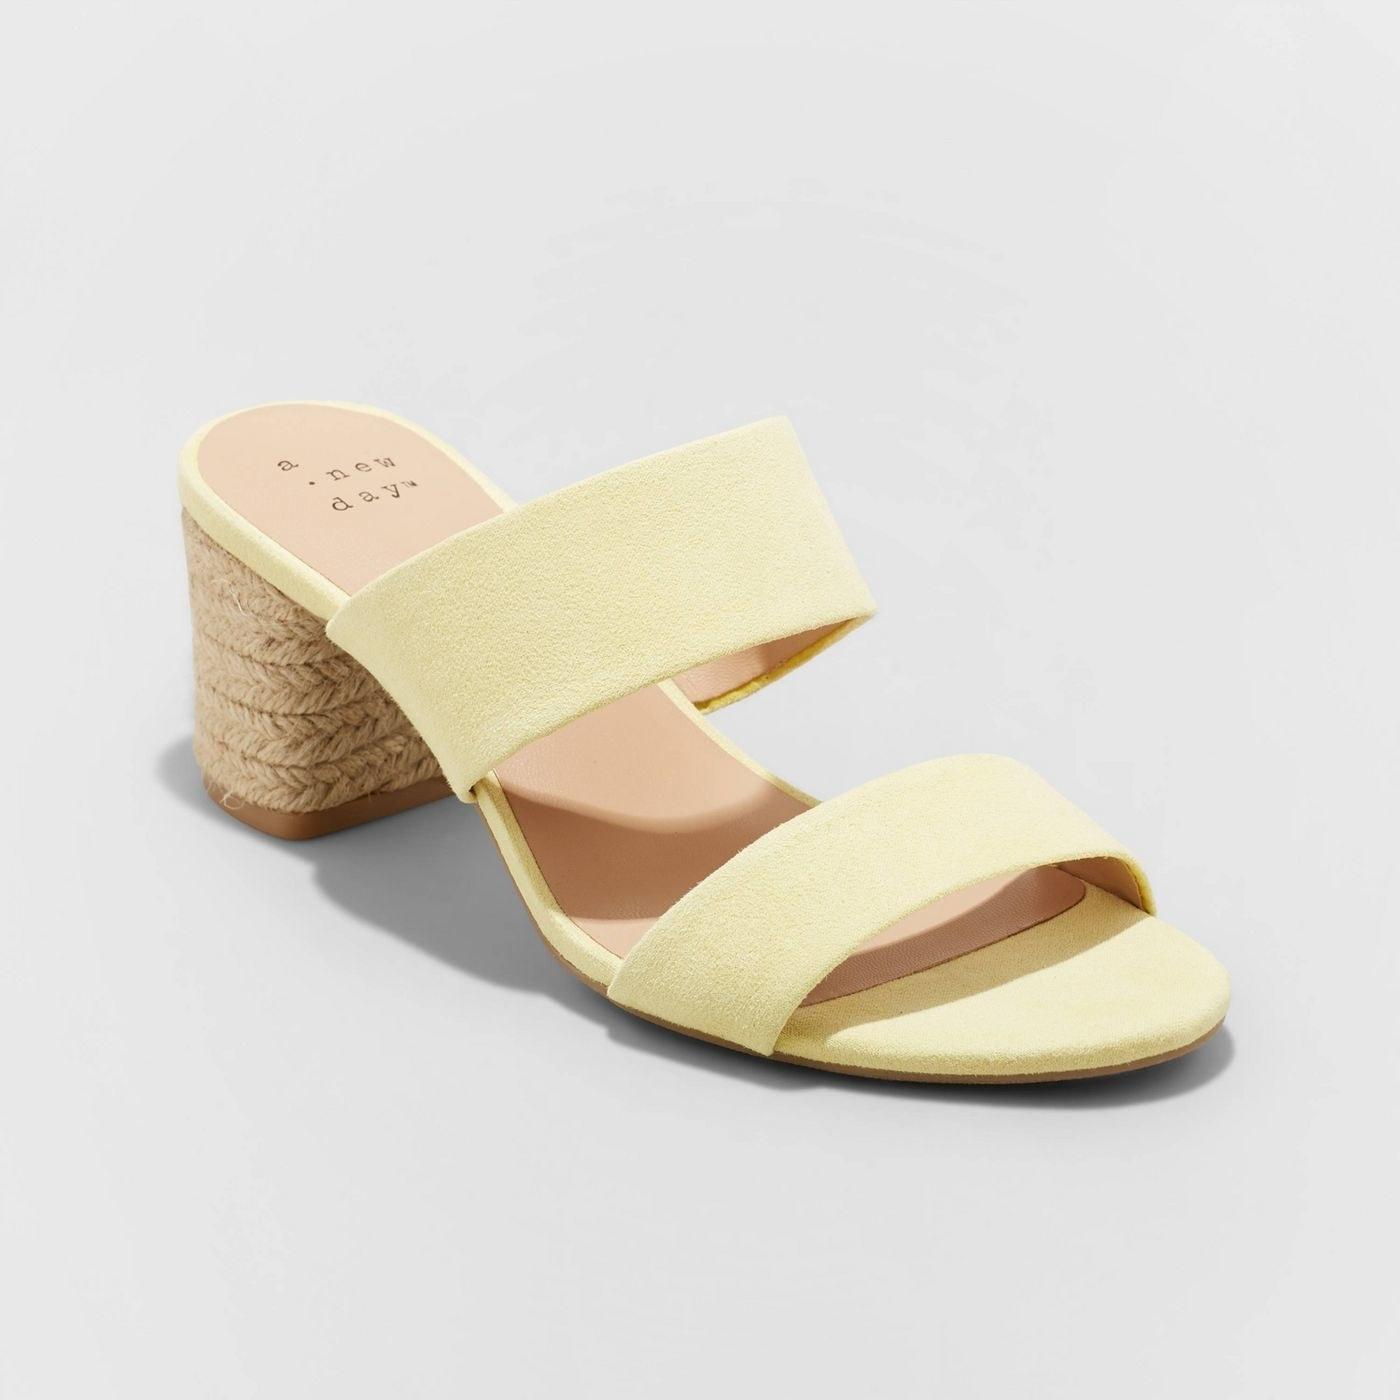 Yellow pastel block heels with brown heels